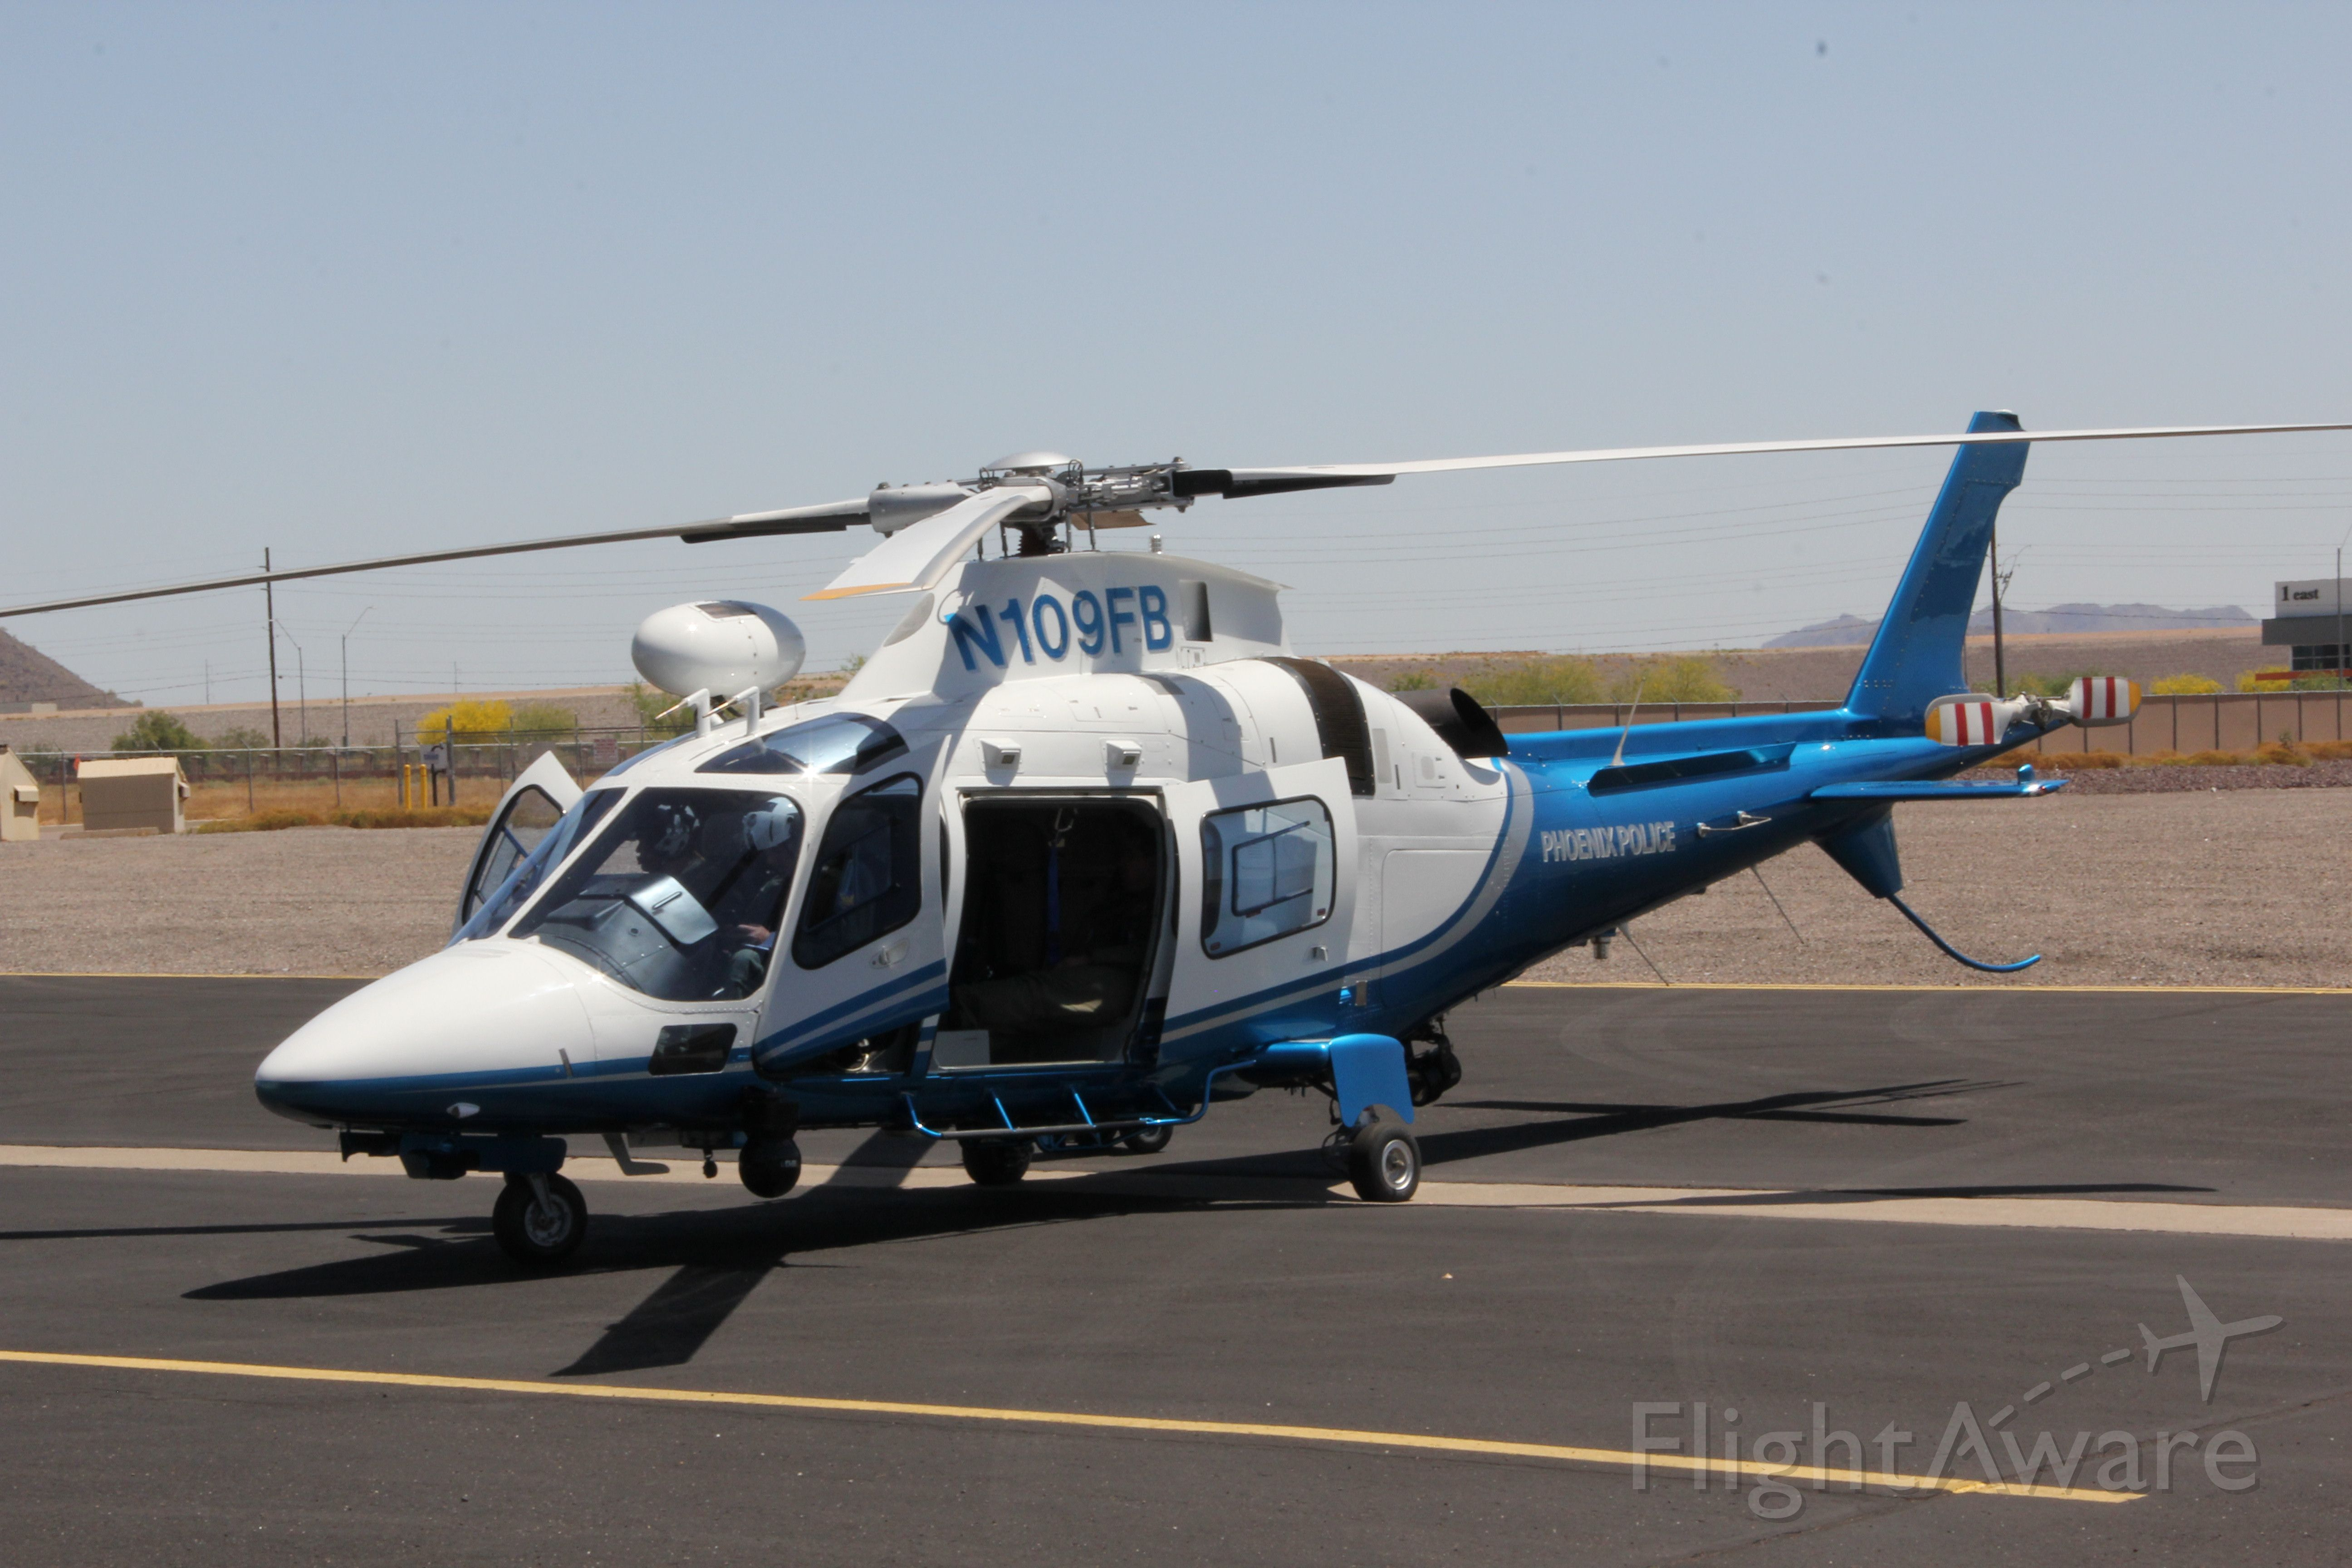 SABCA A-109 (N109FB) - New Paint Job!!!